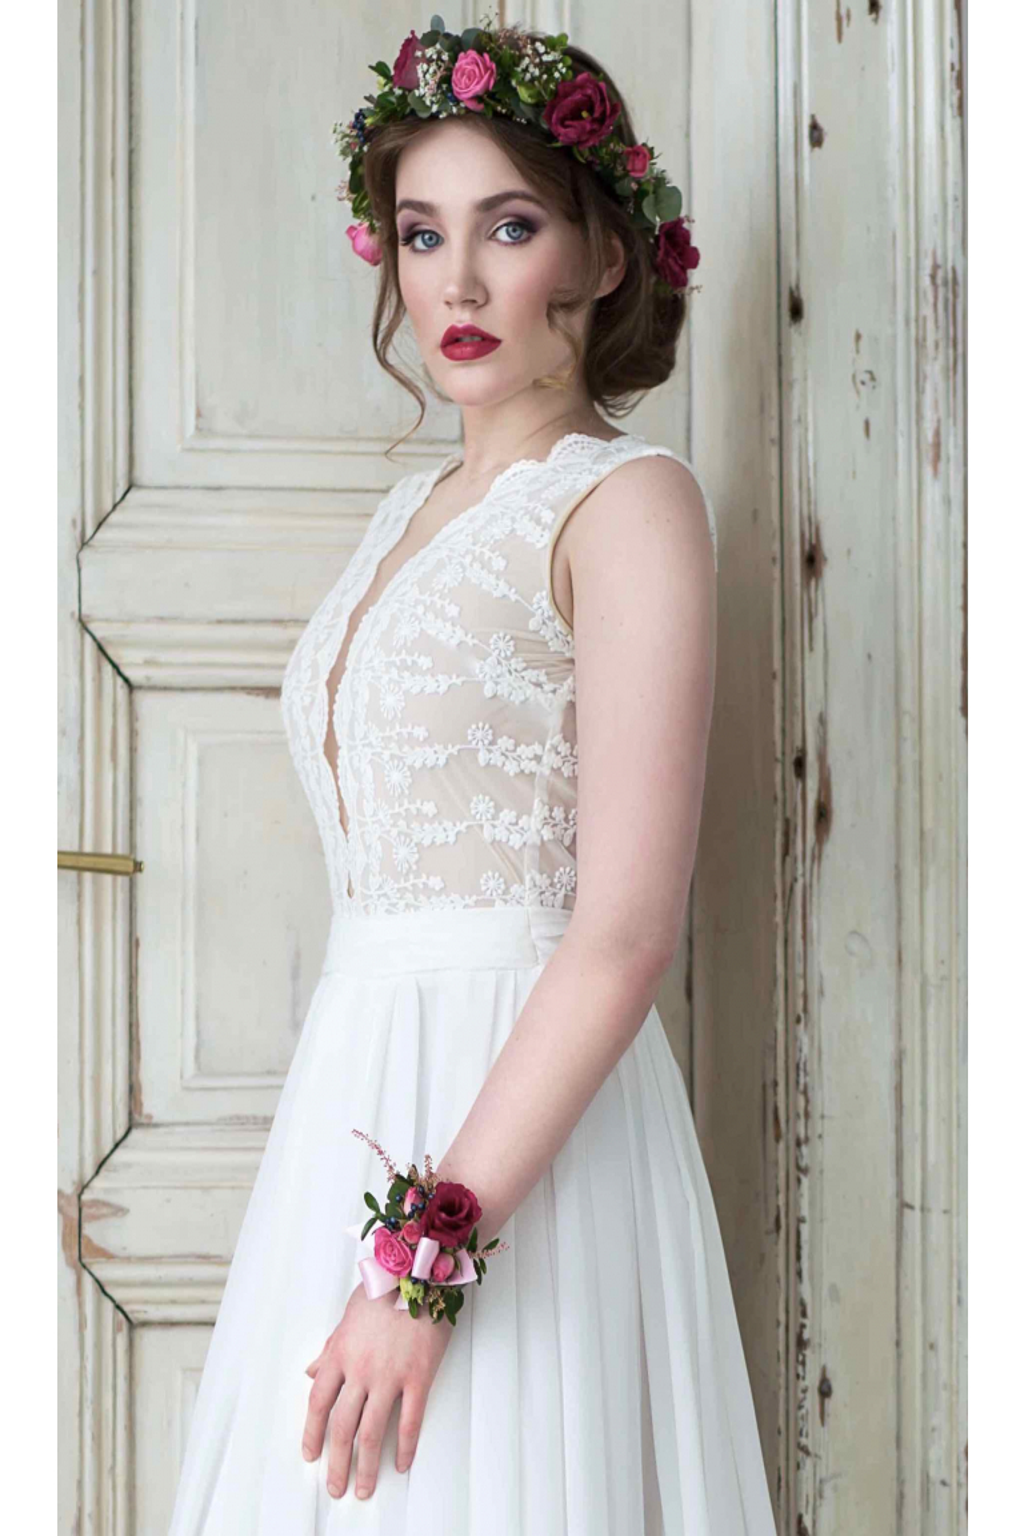 ... Svatební šaty s bavlněné krajky s hlubokým výstřihem 57c189e6f1